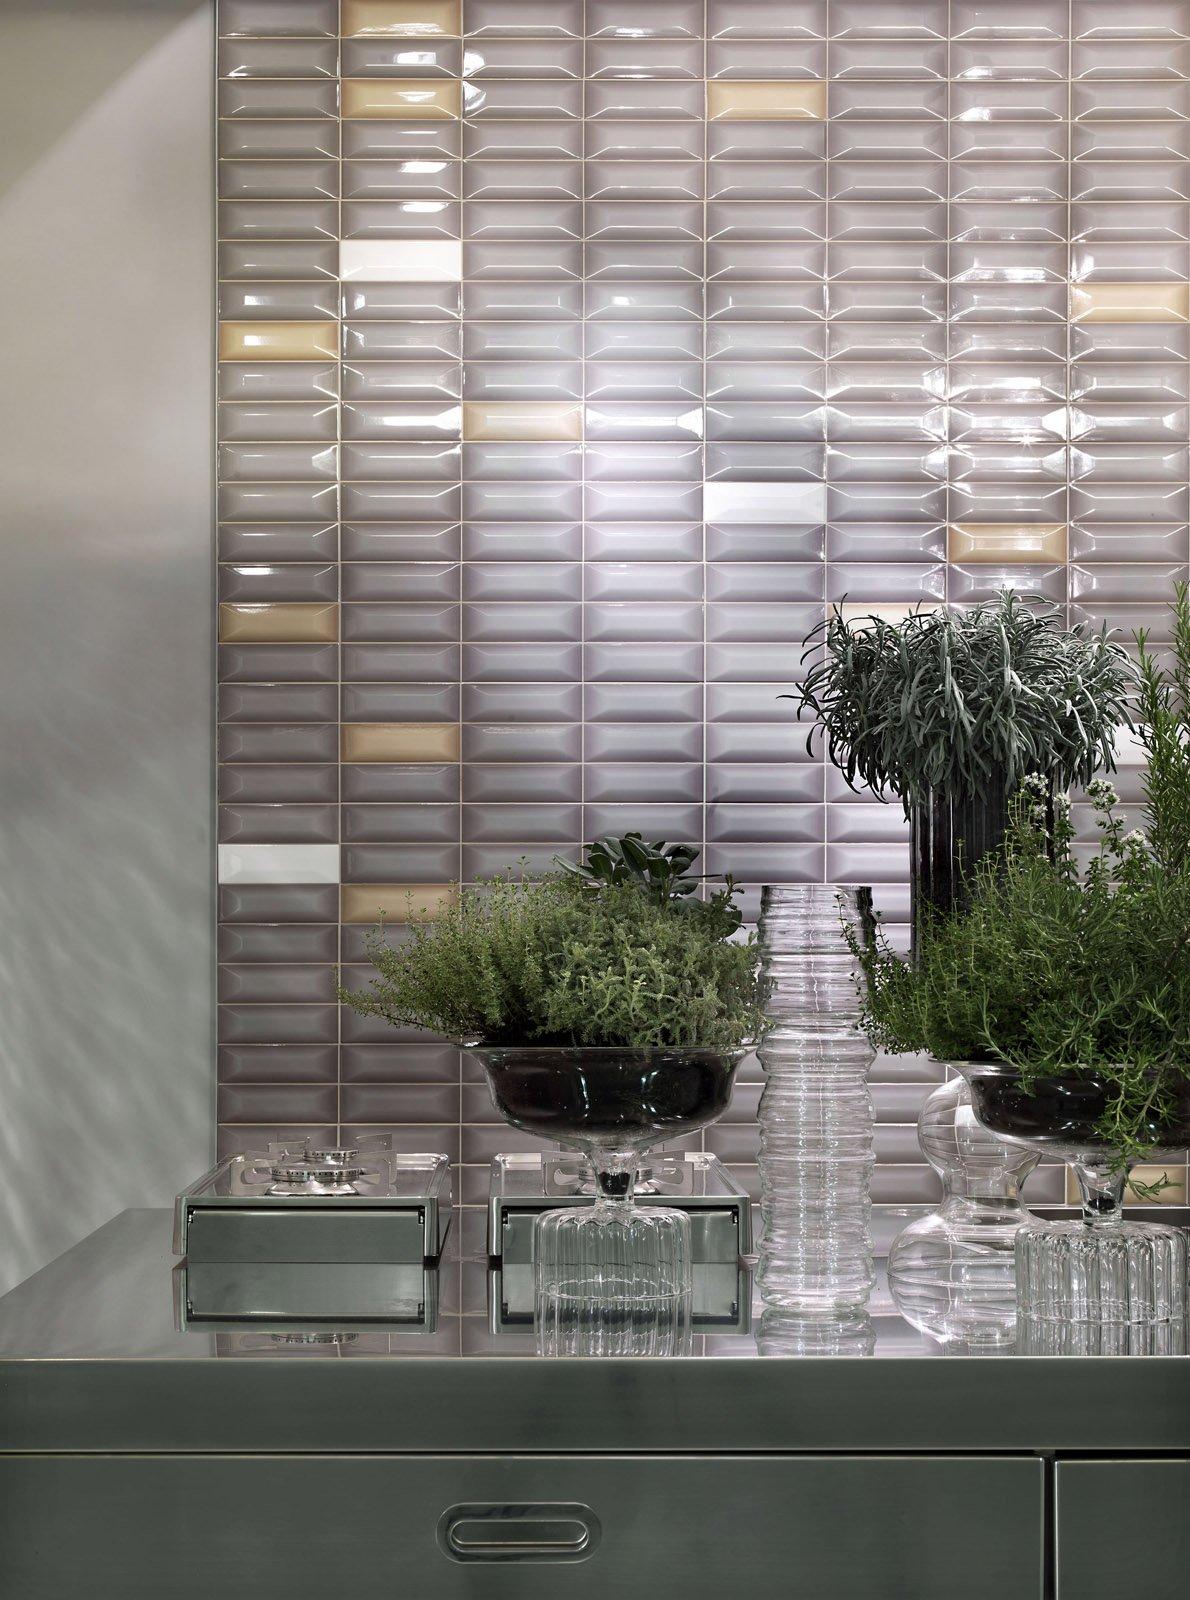 Cucina piastrelle per le pareti cose di casa - Rivestimento mattonelle cucina ...